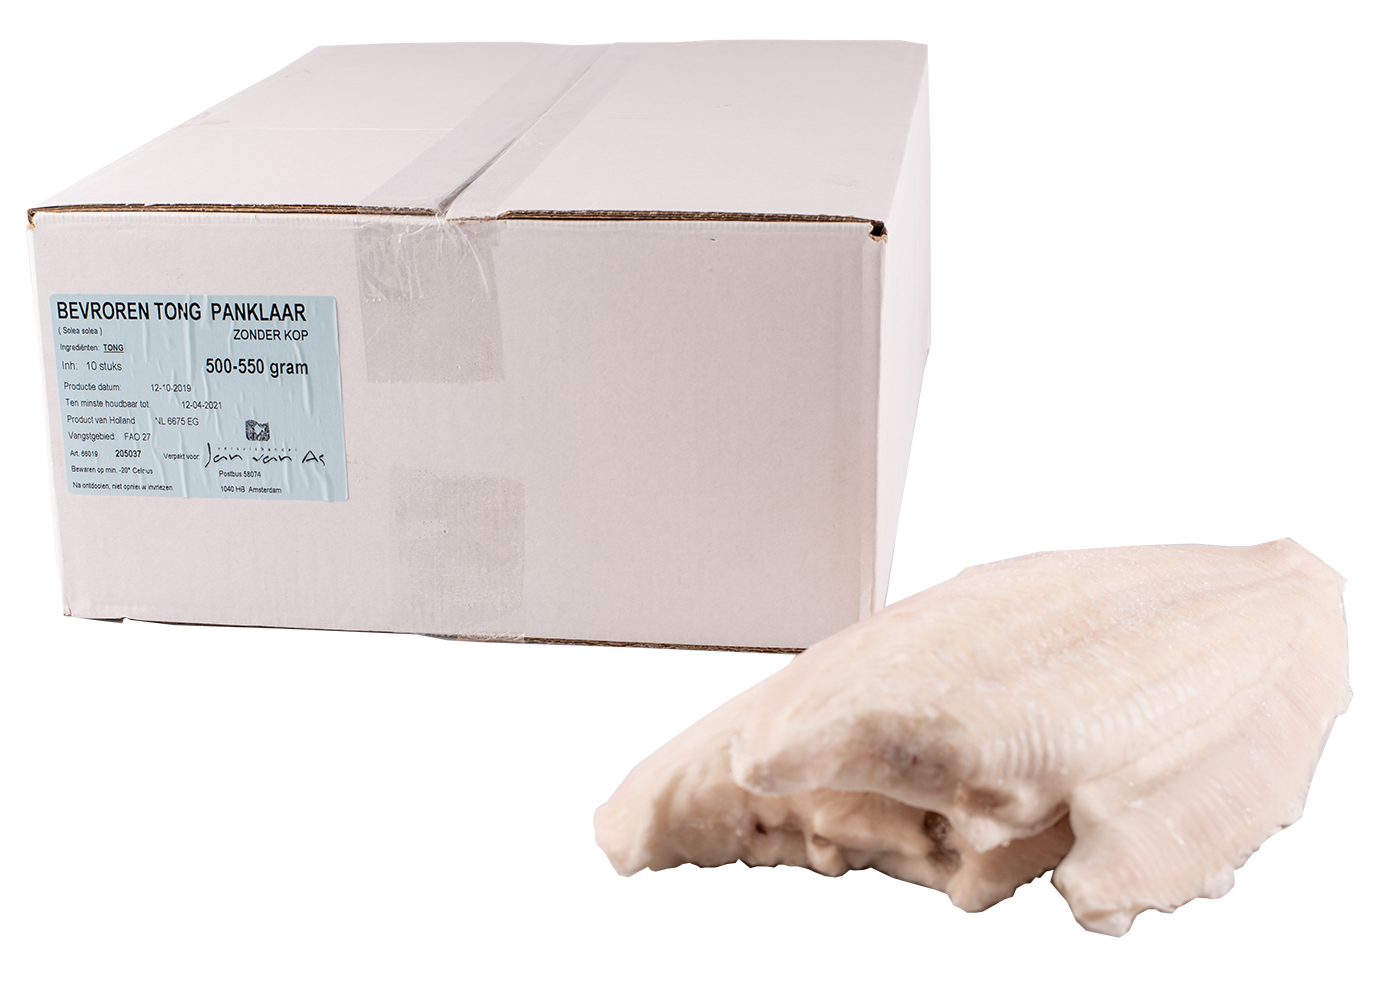 Productafbeelding TONG  BEVROREN 500-550 GRAM NETTO ZONDER KOP BILTSCHE HOEK